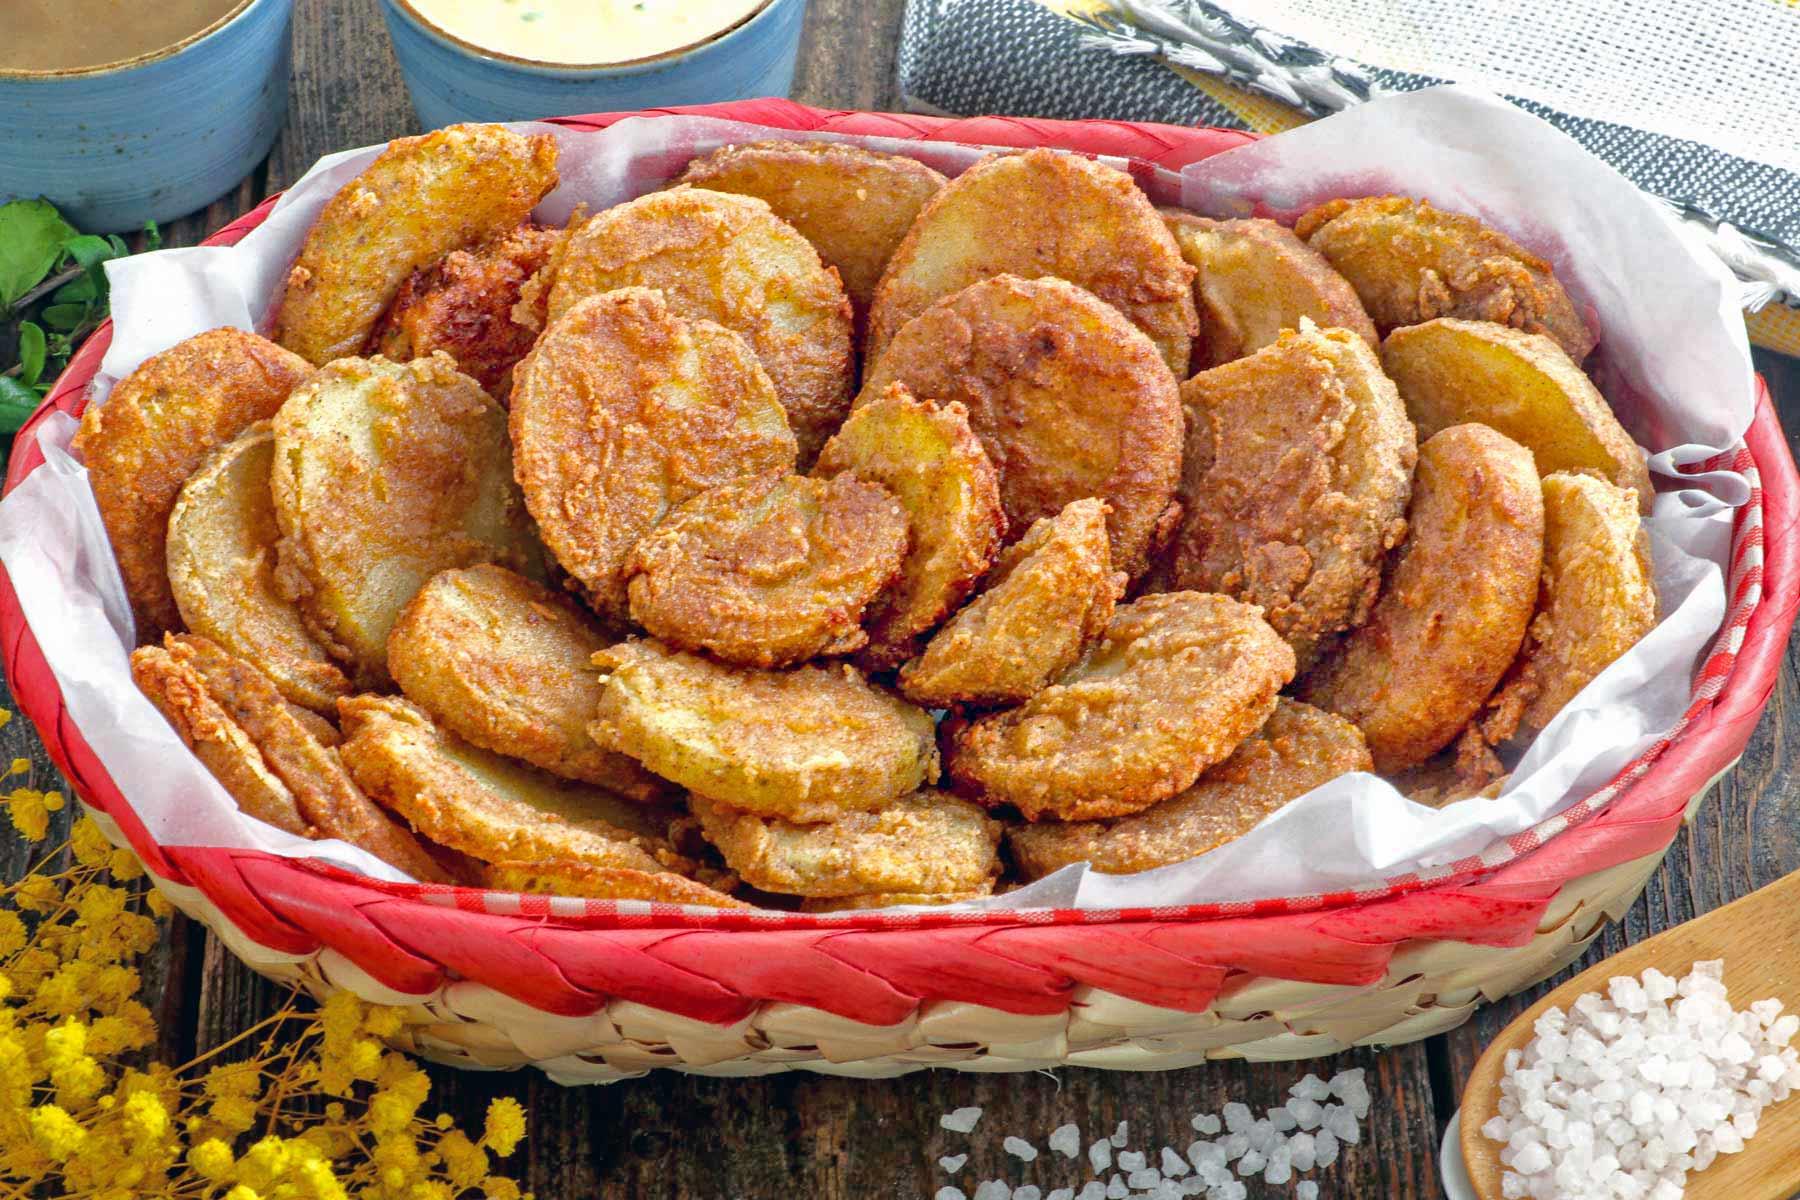 Crispy fried breaded potato slices.